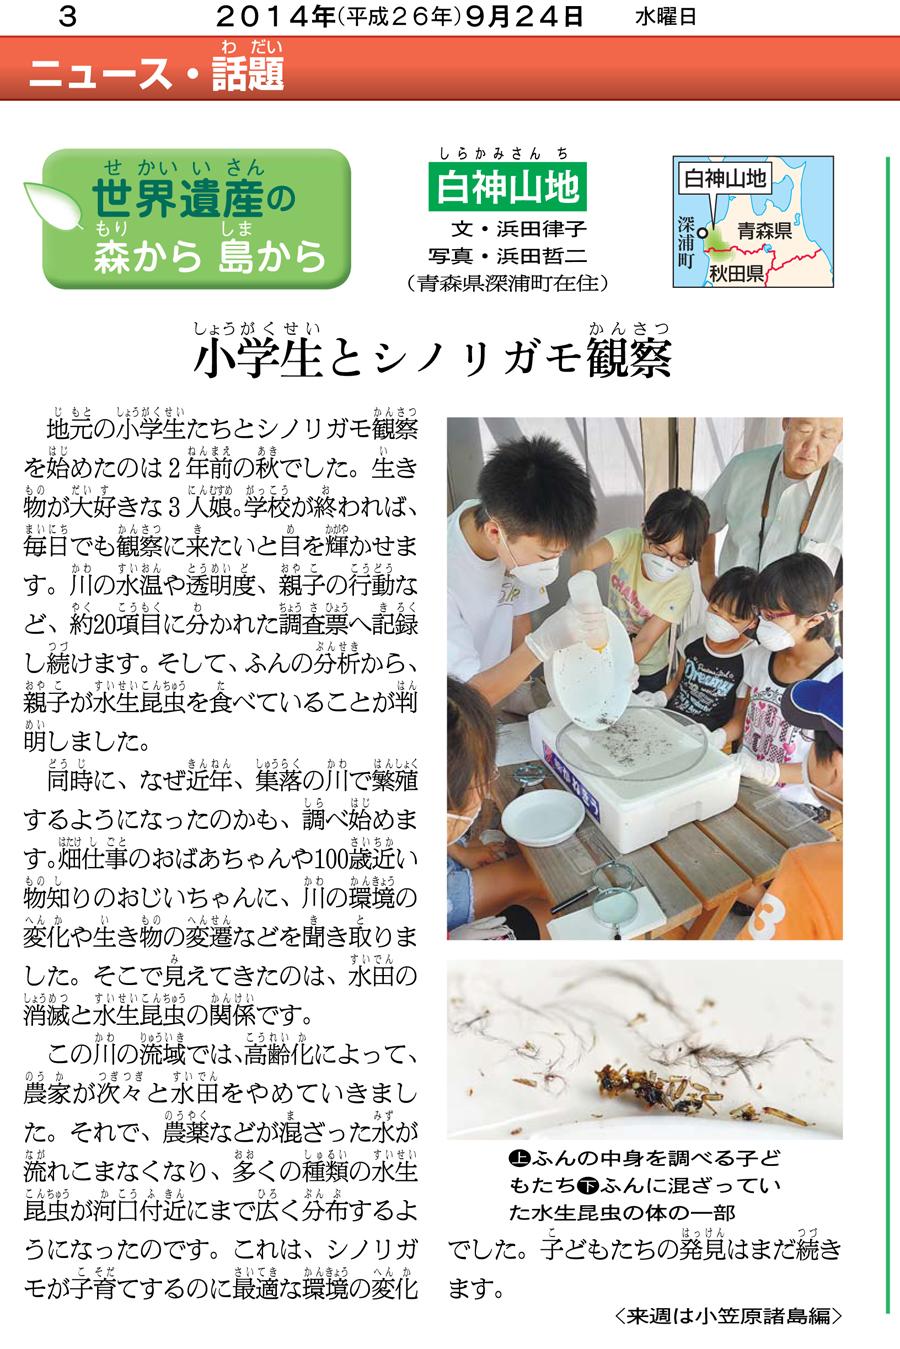 朝日小学生新聞の連載「白神シリーズ」11回目の記事